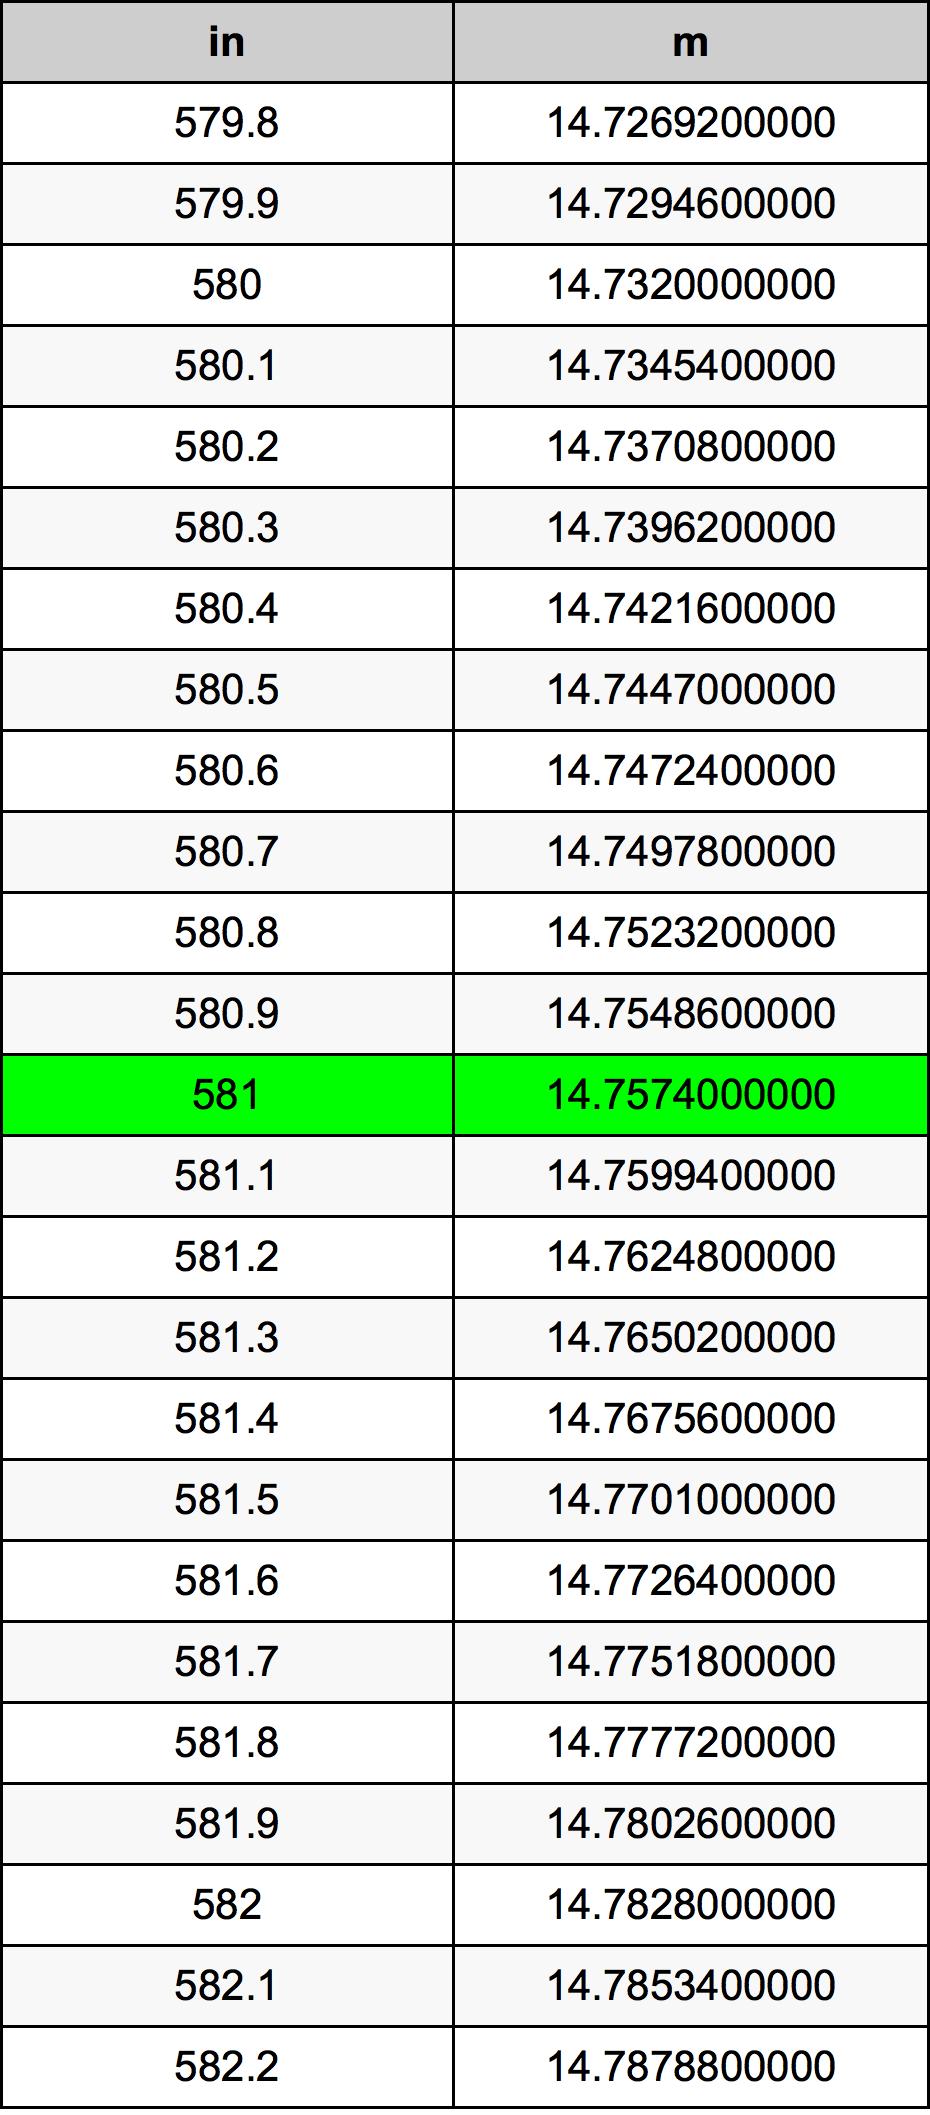 581 بوصة جدول تحويل